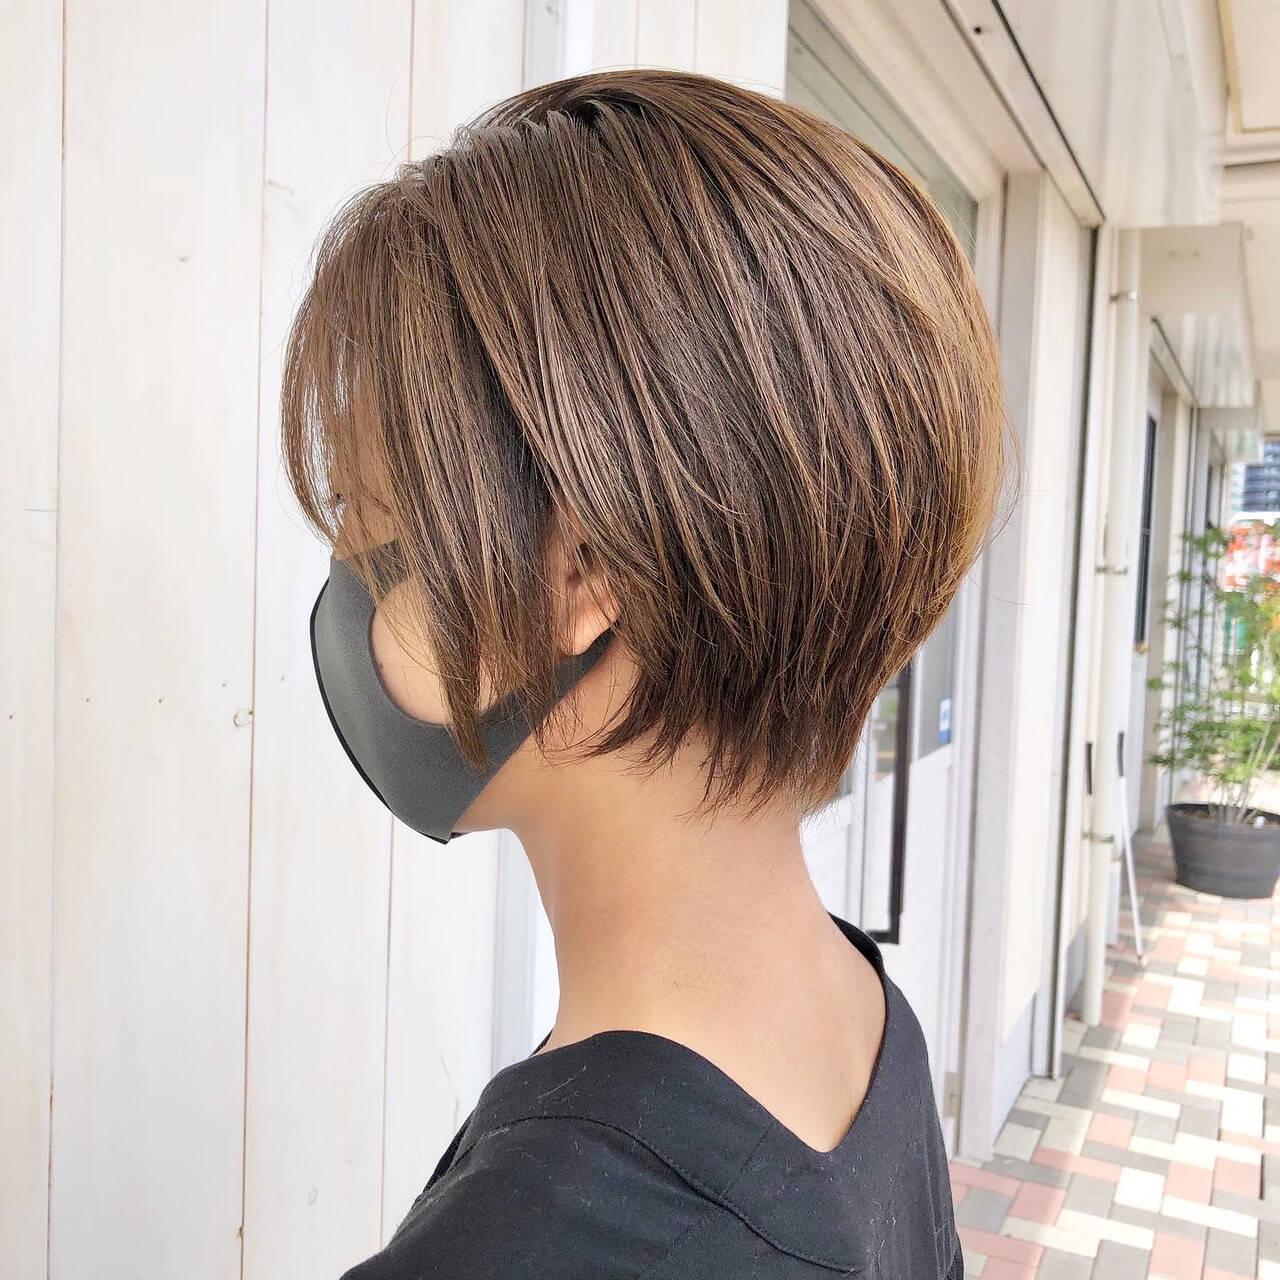 丸みショート ナチュラル コンパクトショート ショートカットヘアスタイルや髪型の写真・画像